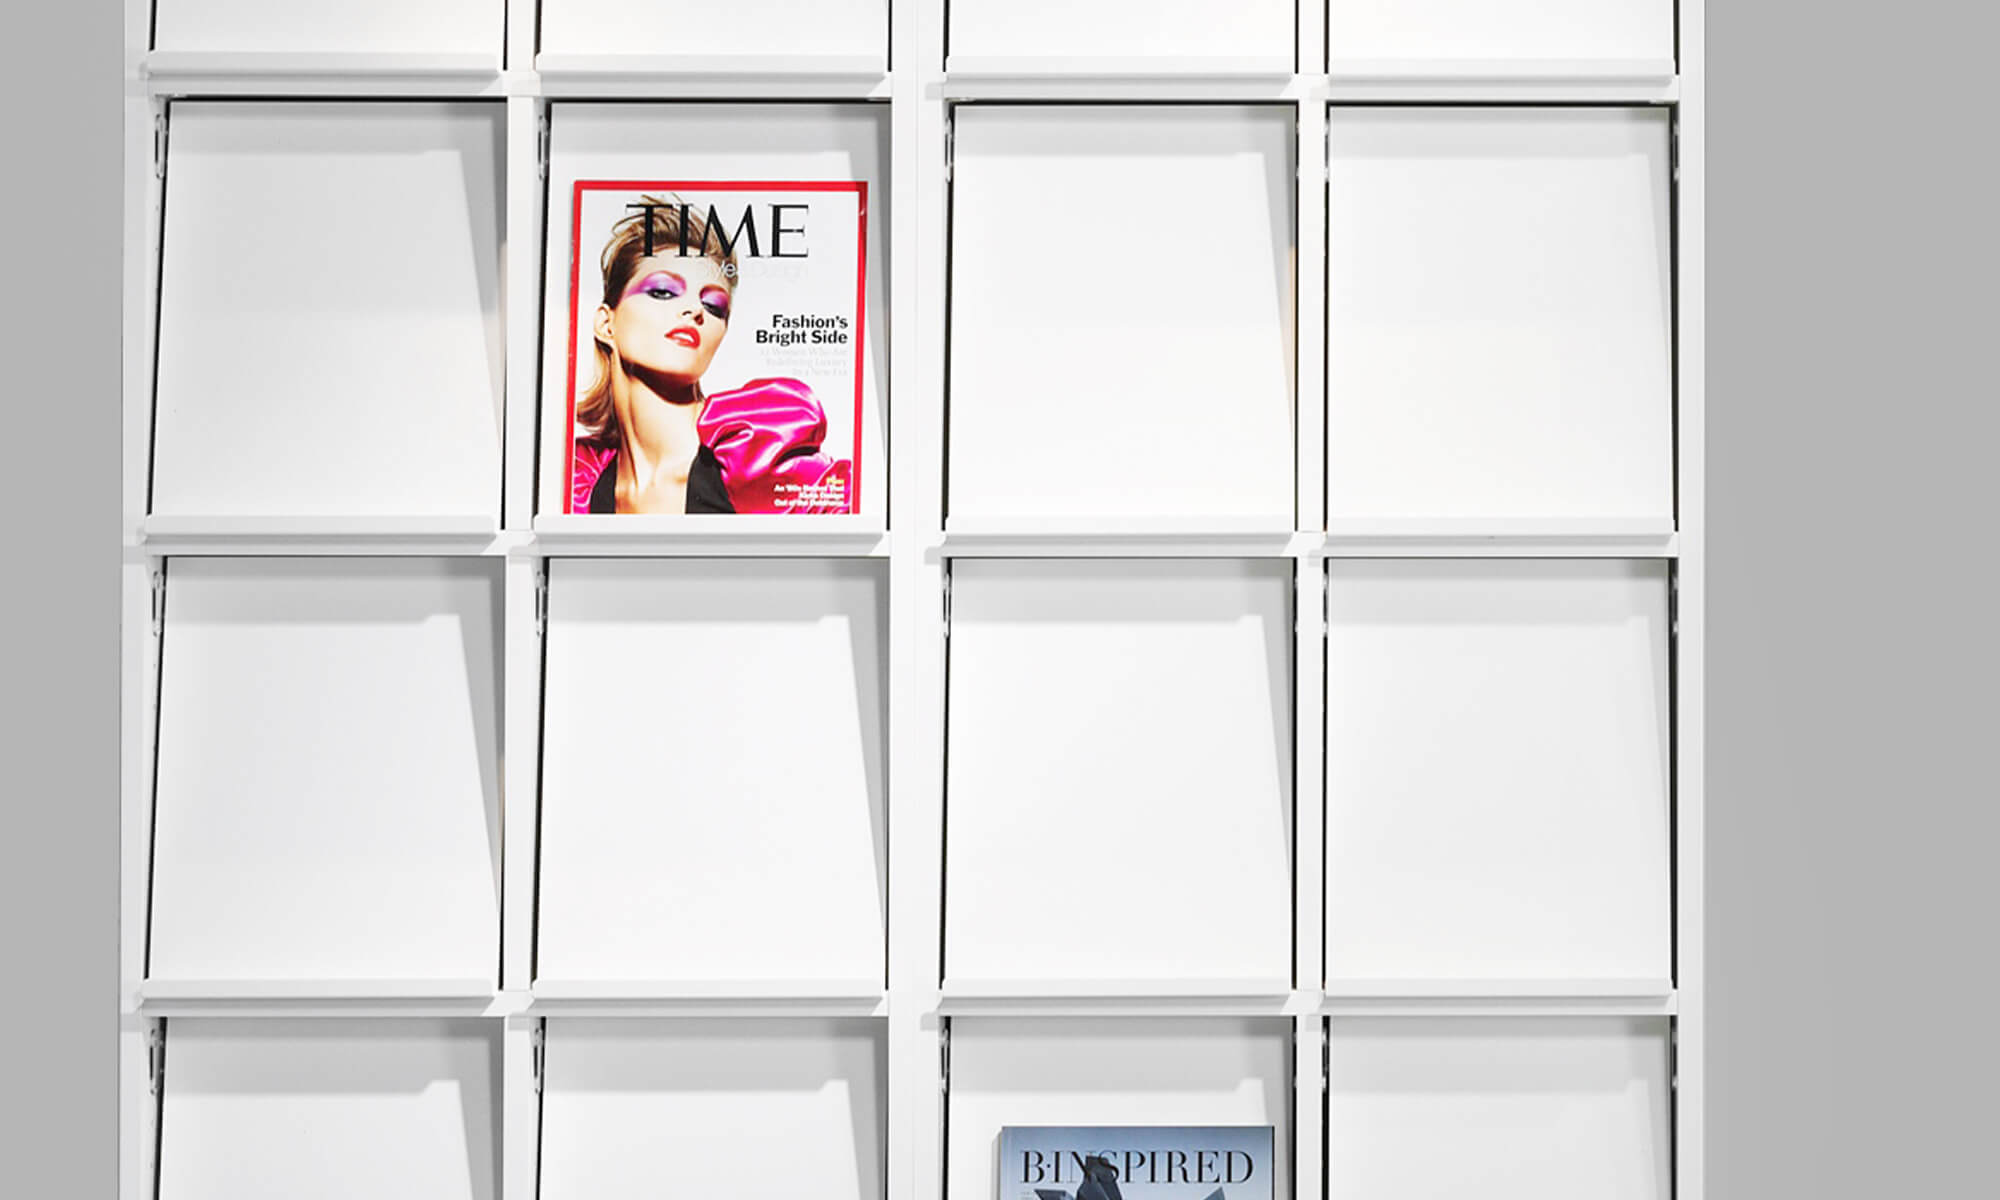 tidsskriftshylla tidningsställ exponeringshylla display shelf trece förvaring för tidningar väntrum exponeringsyta